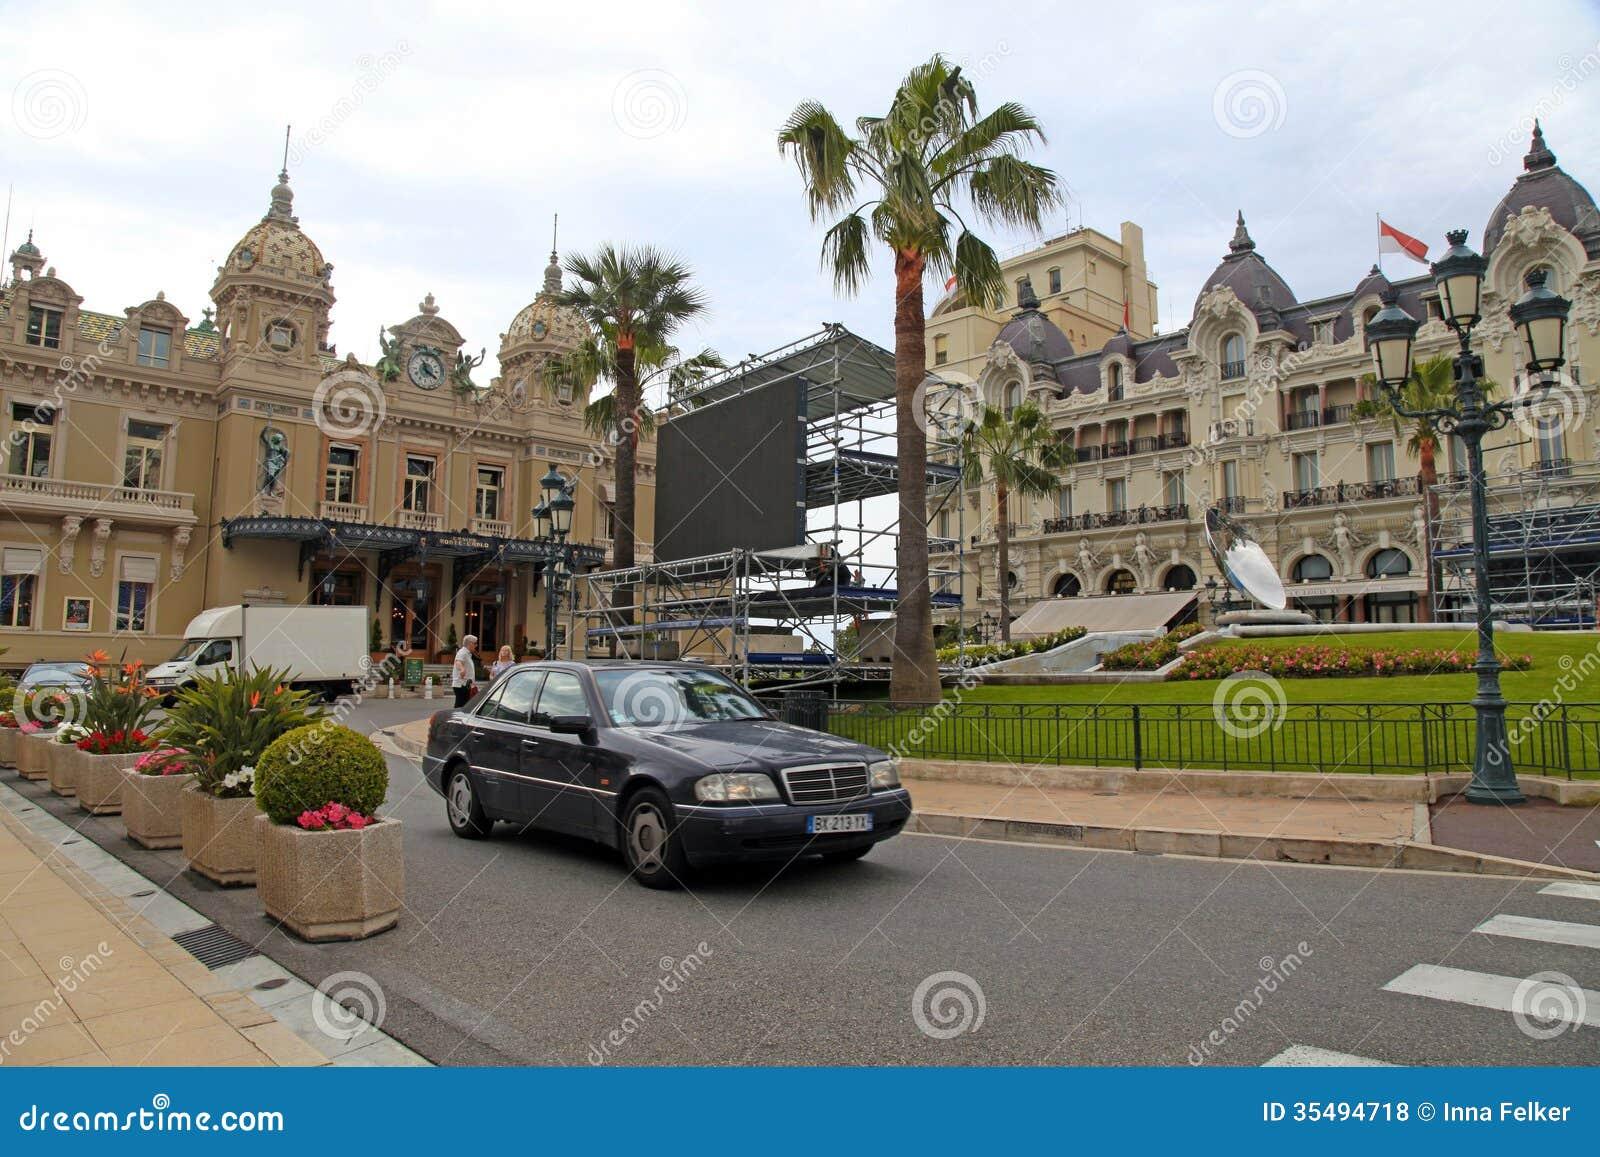 Casino monte carlo and hotel de paris in monte carlo for Hotel de paris